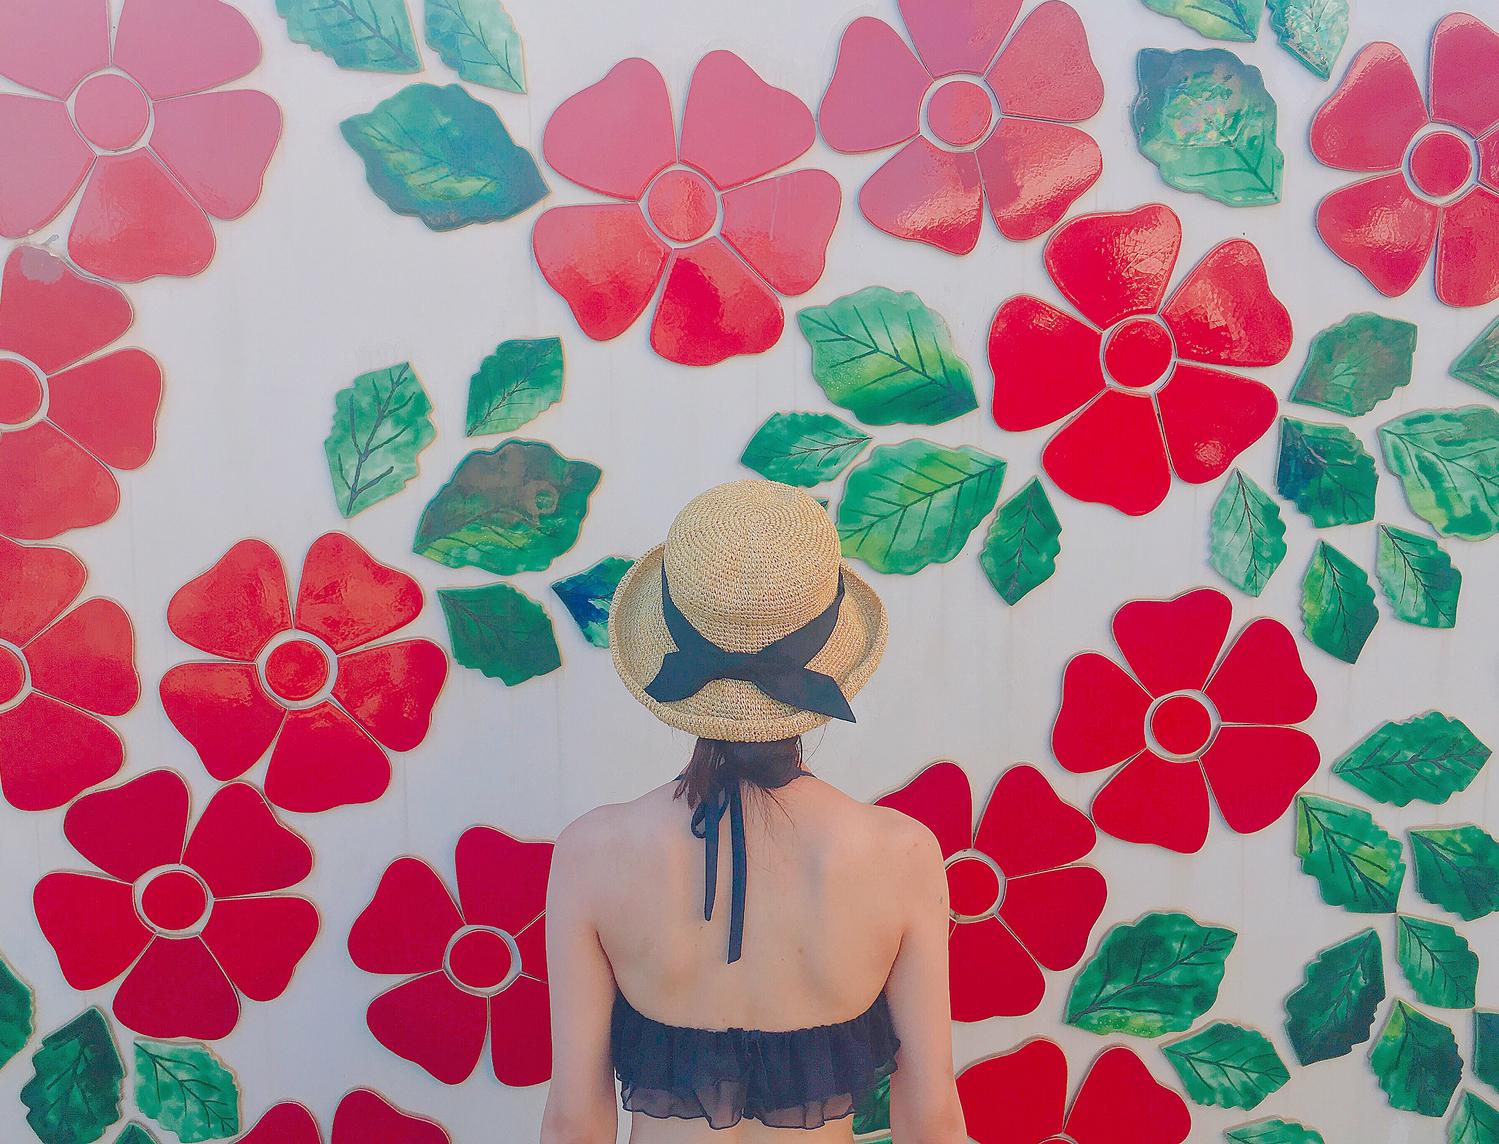 「沖縄の自然と触れ合いたい」